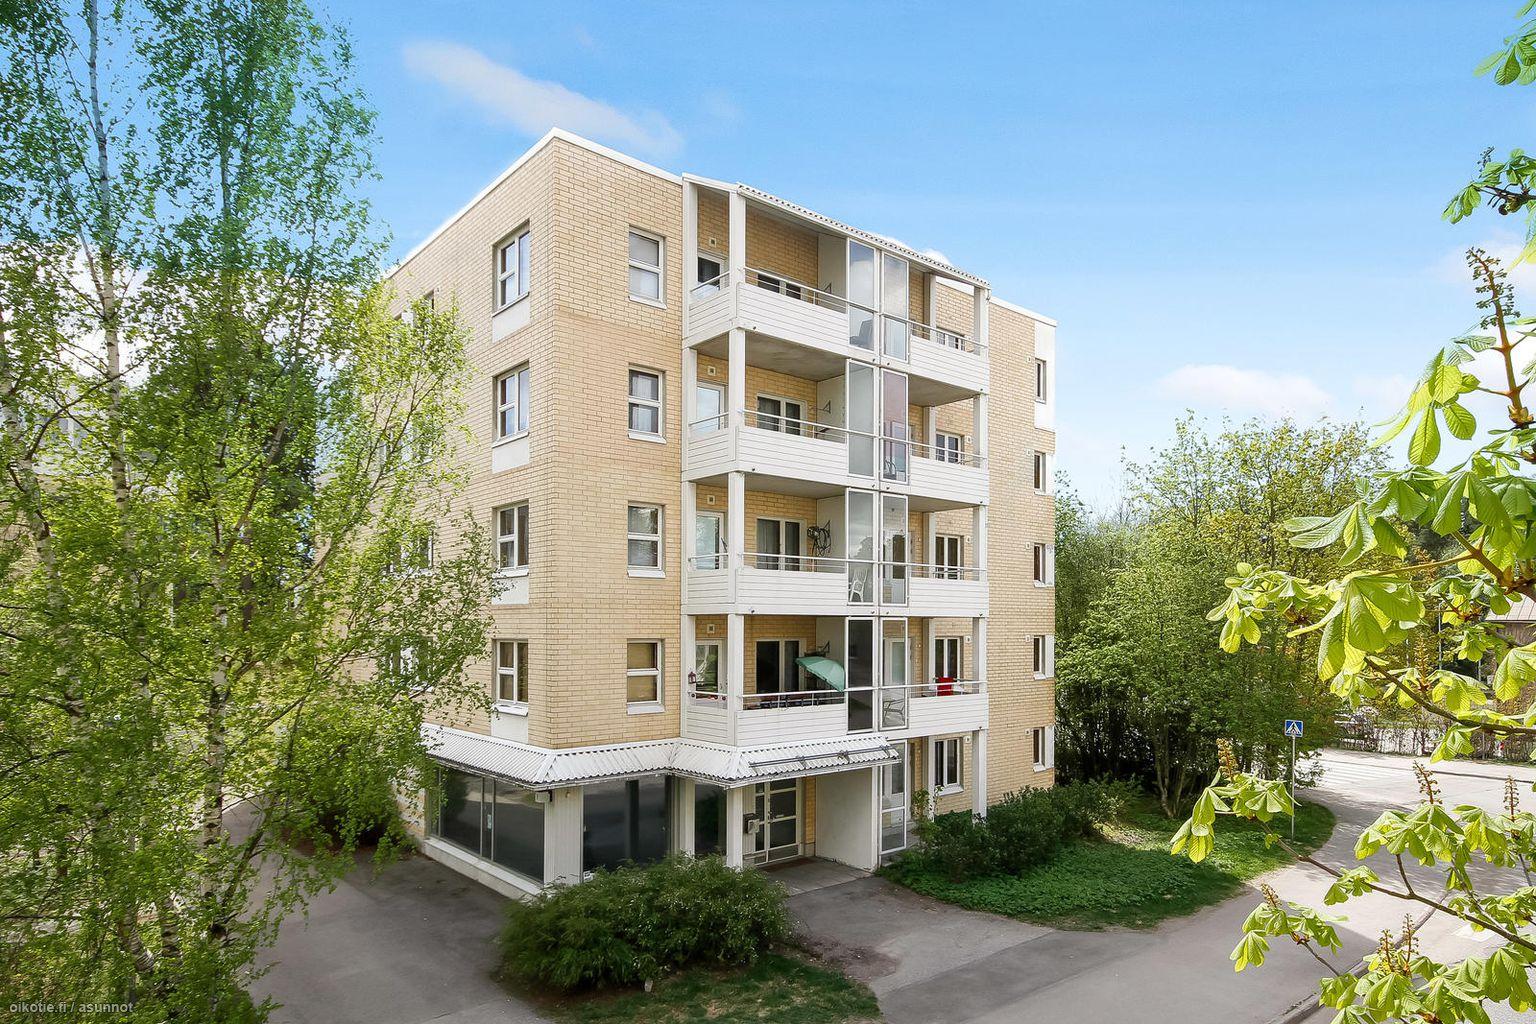 73,5 m² Viirikuja 1 B, 02770 Espoo Kerrostalo 3h vuokrattavana - Oikotie 14829540